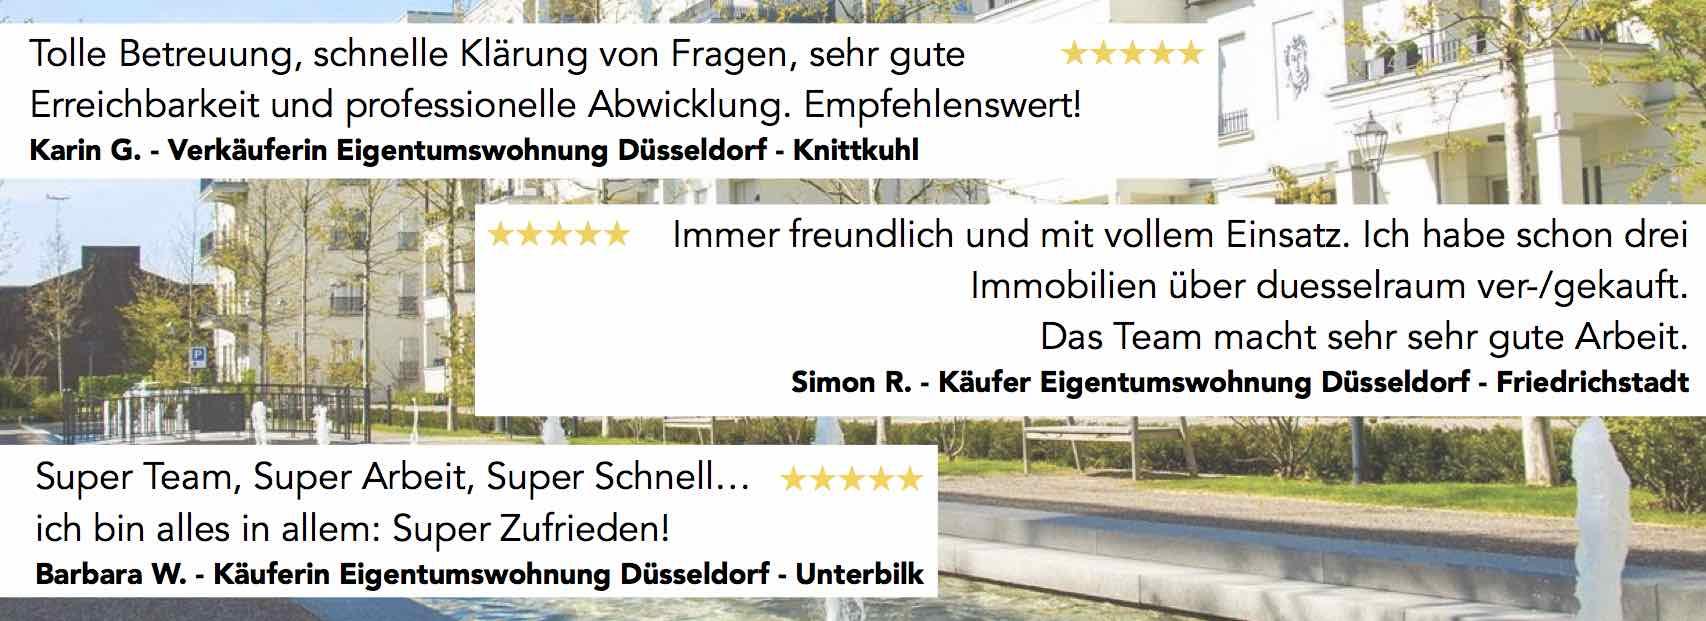 Immobilienmakler Düsseldorf: Bewertungen duesselraum immobilien OHG